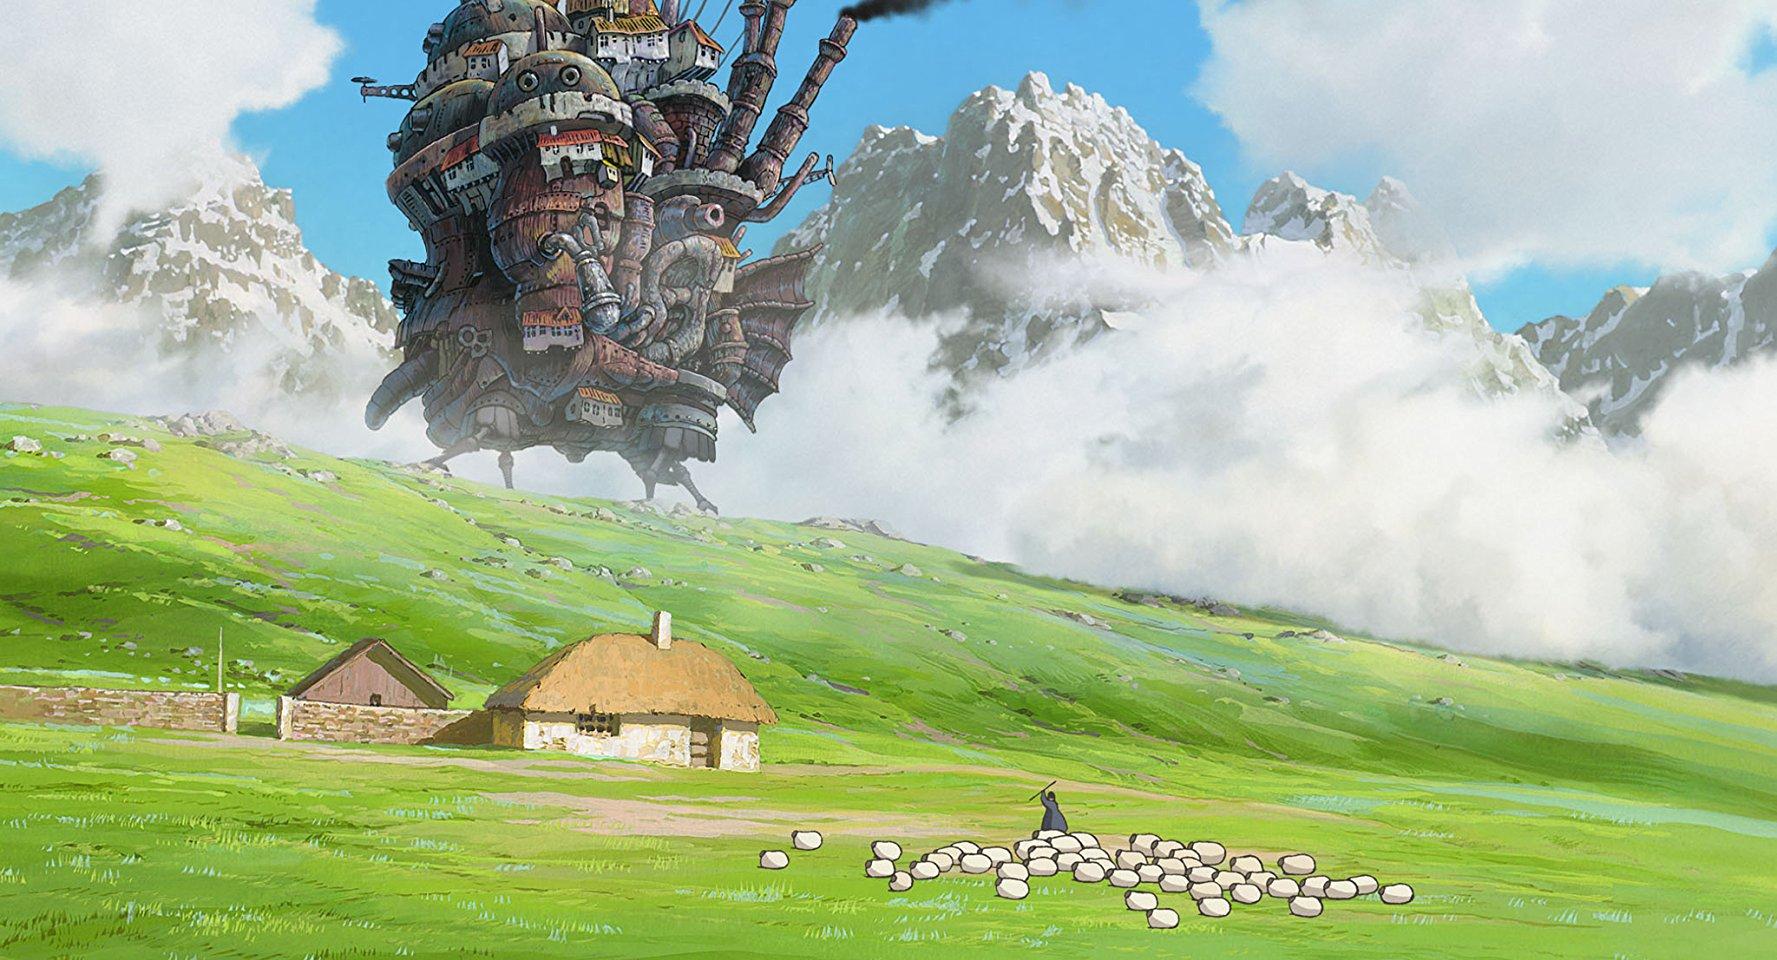 El castillo ambulante las mejores películas anime